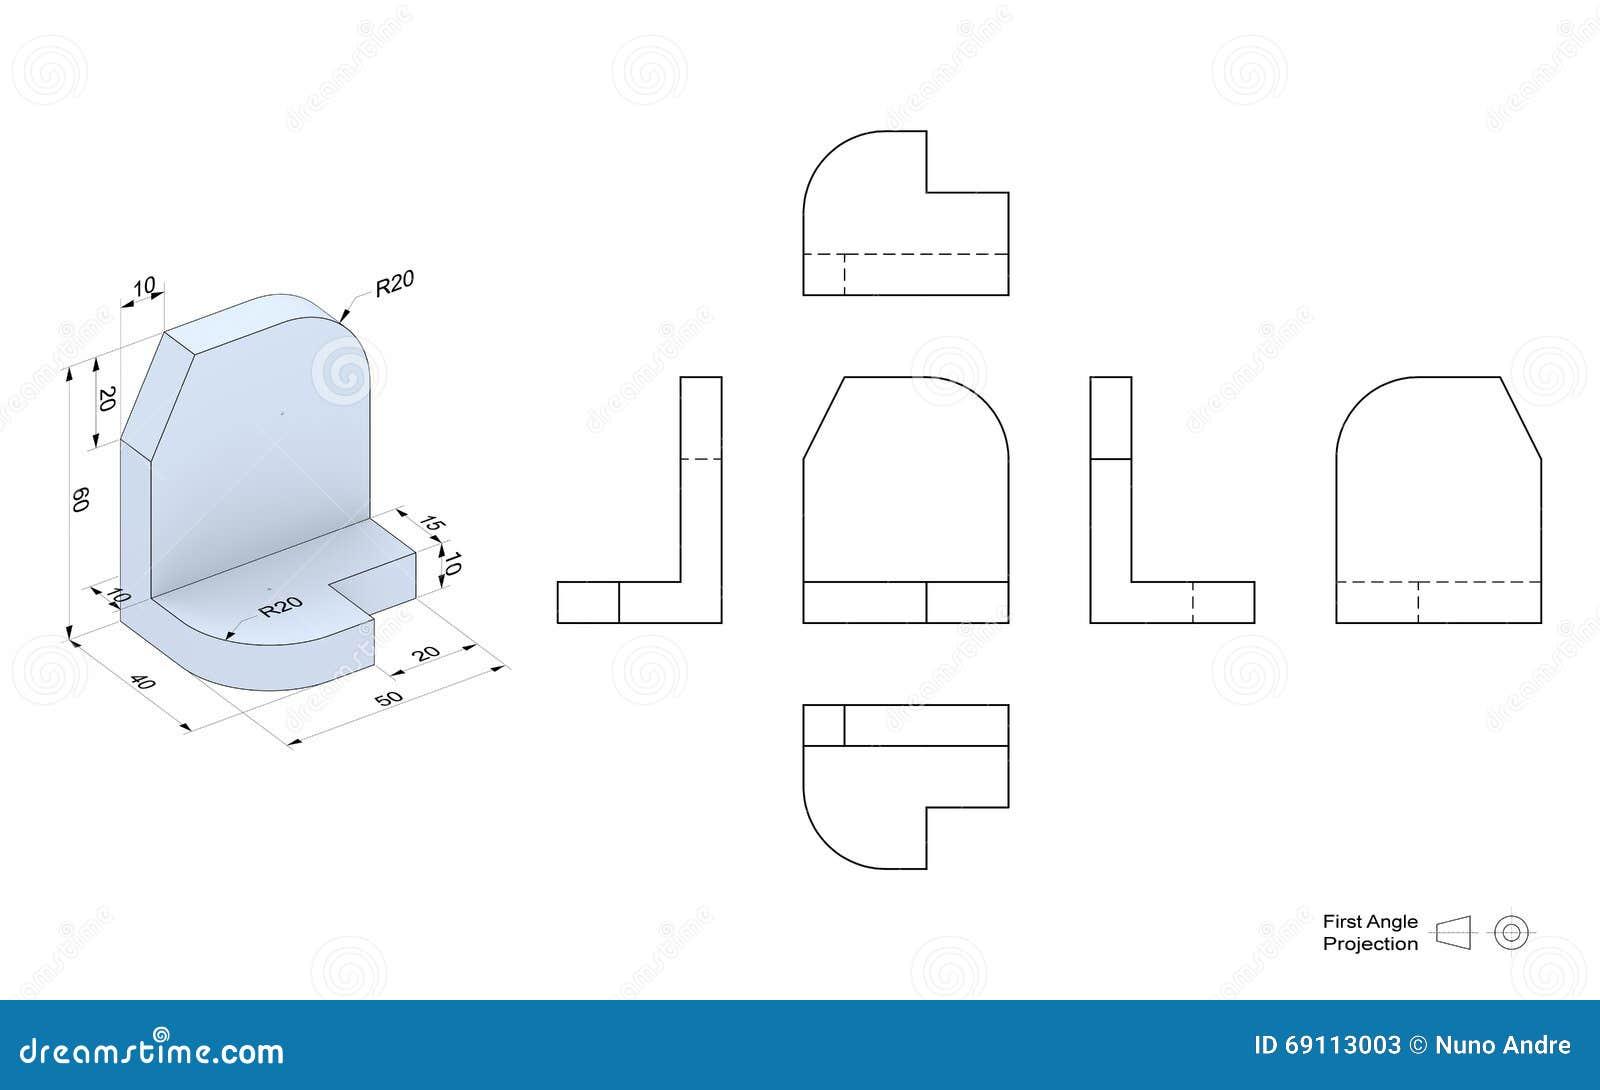 technische zeichnung mit perspektive und orthogonalen ansichten stock abbildung illustration. Black Bedroom Furniture Sets. Home Design Ideas